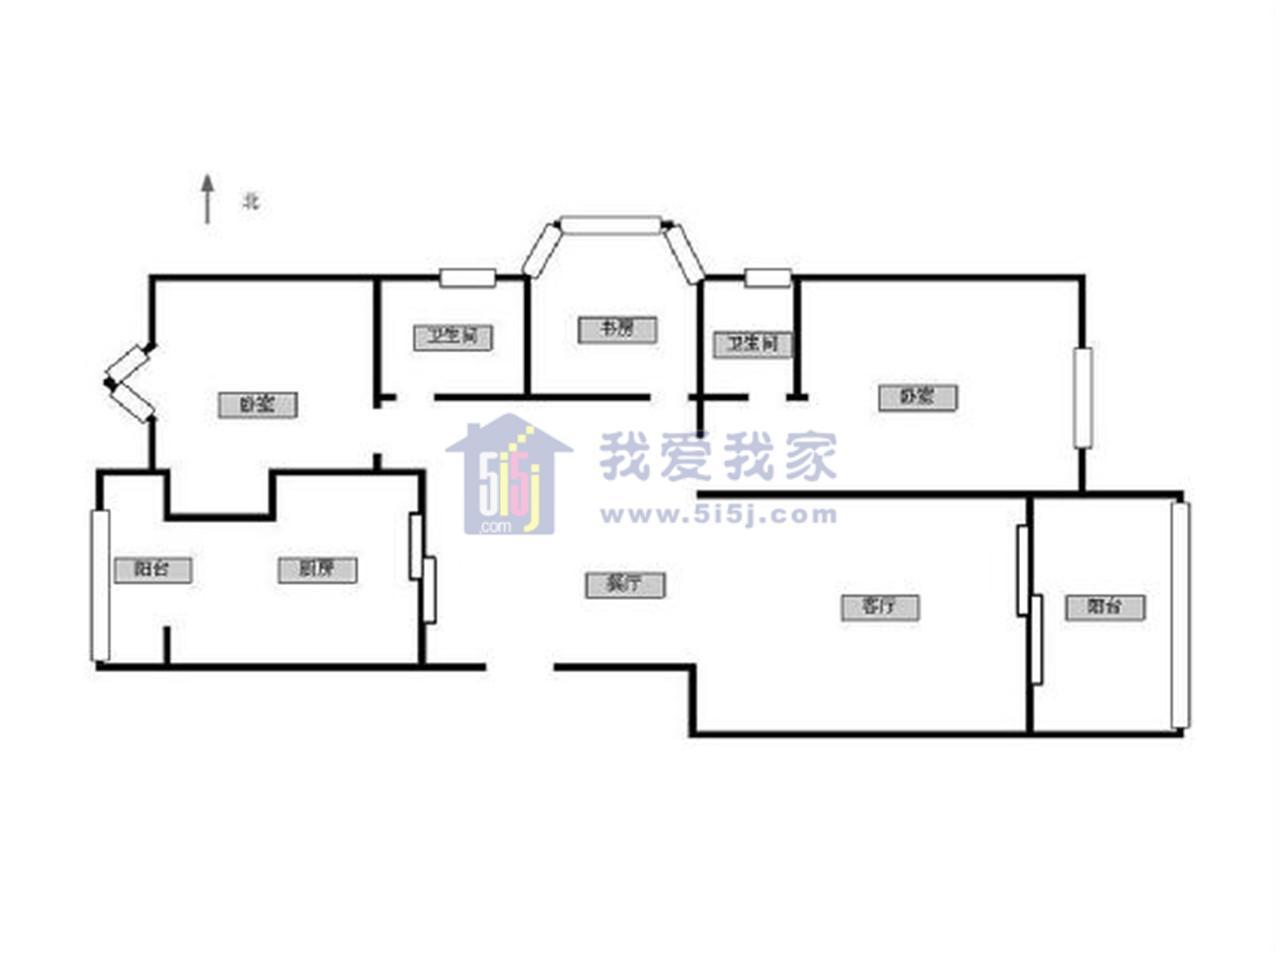 江宁区将军大道翠屏国际城广场苑3室2厅户型图